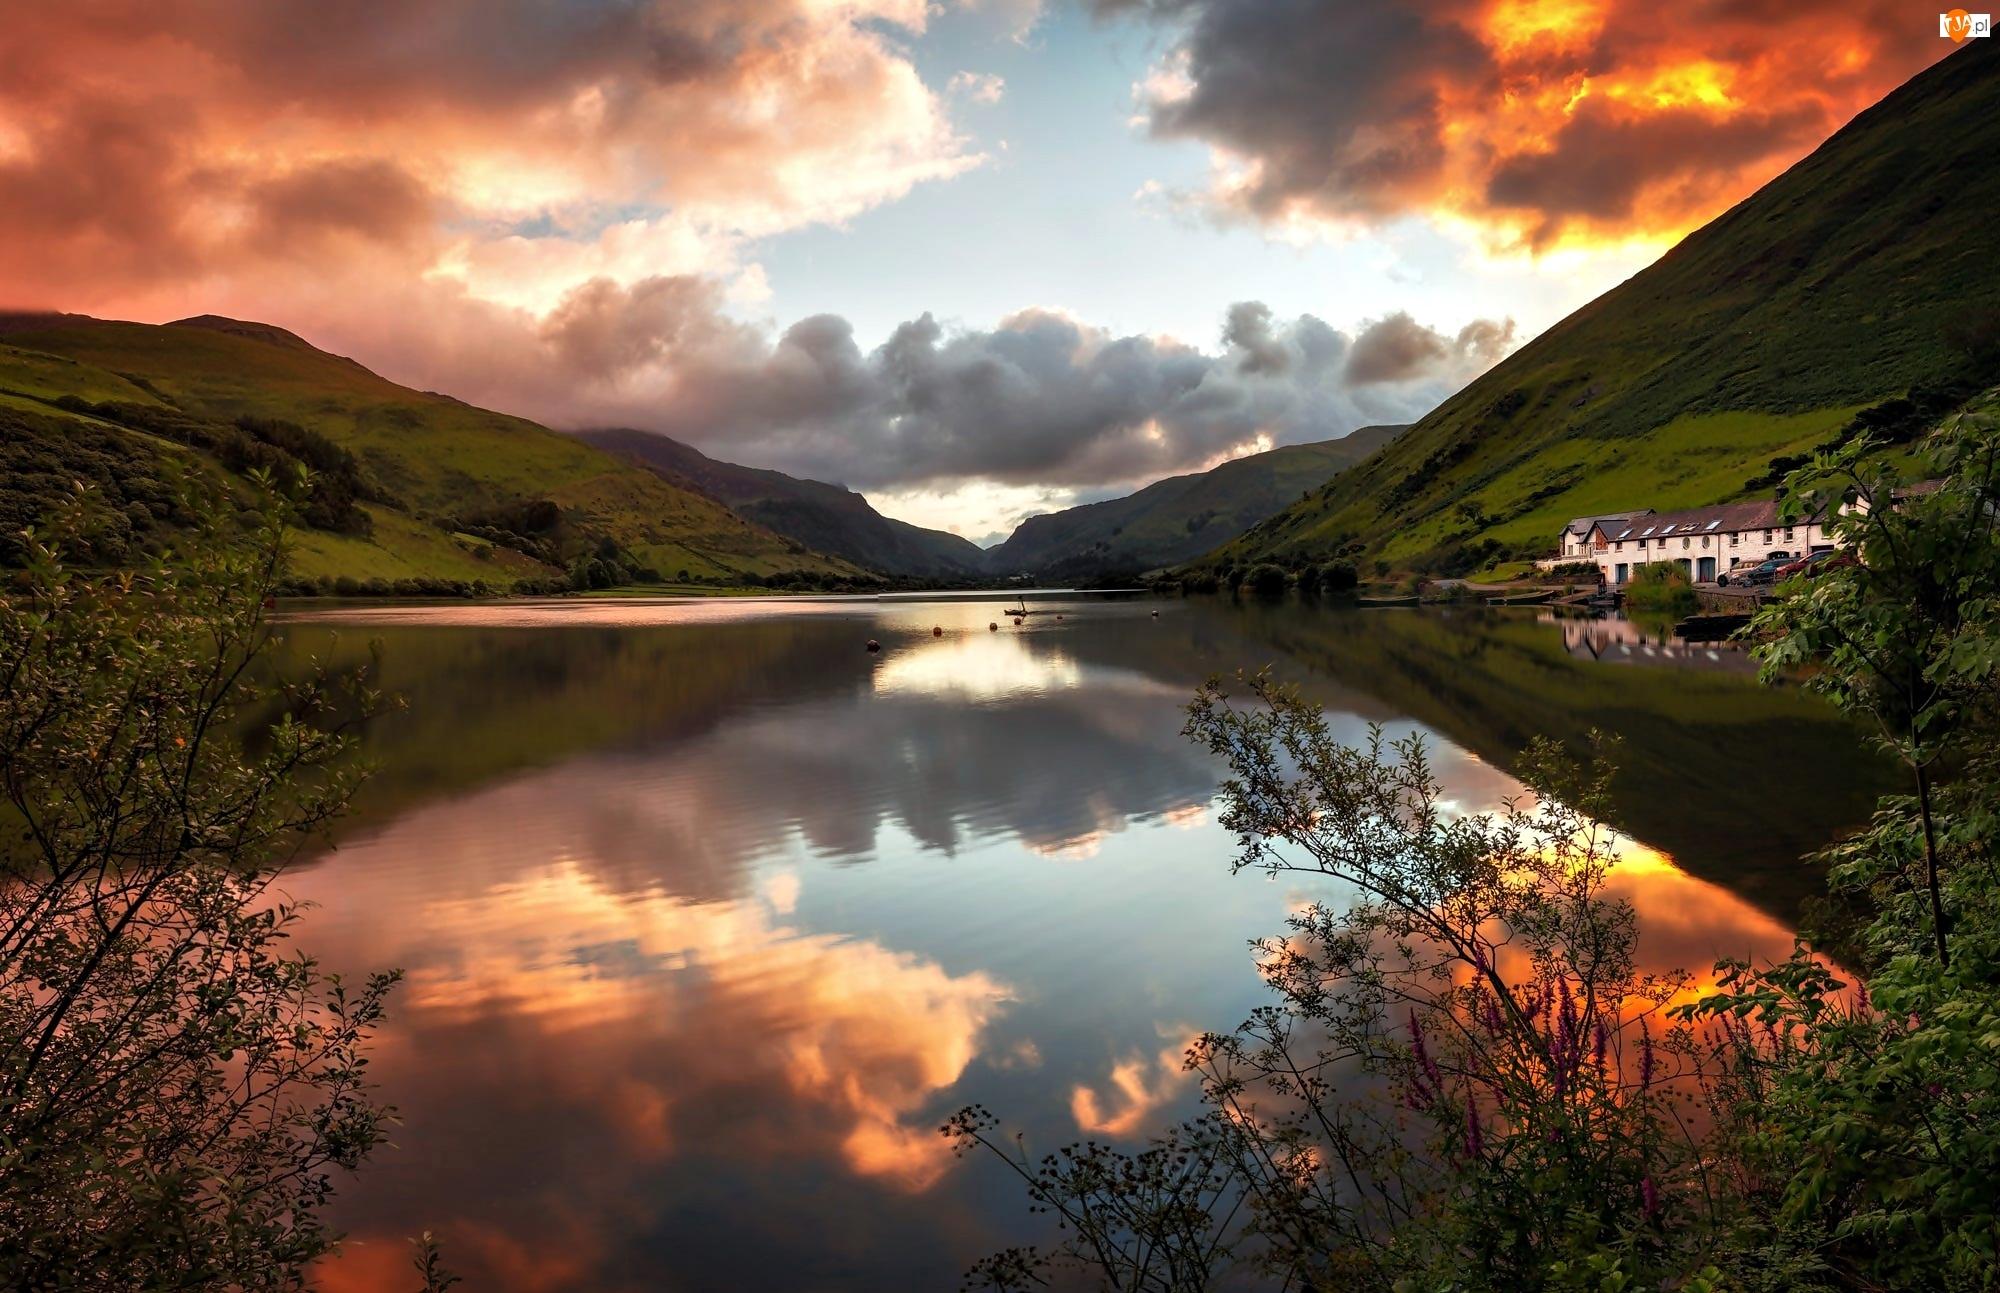 Park Narodowy Snowdonia, Góry, Wielka Brytania, Domy, Walia, Jezioro Tal-y-llyn Lake